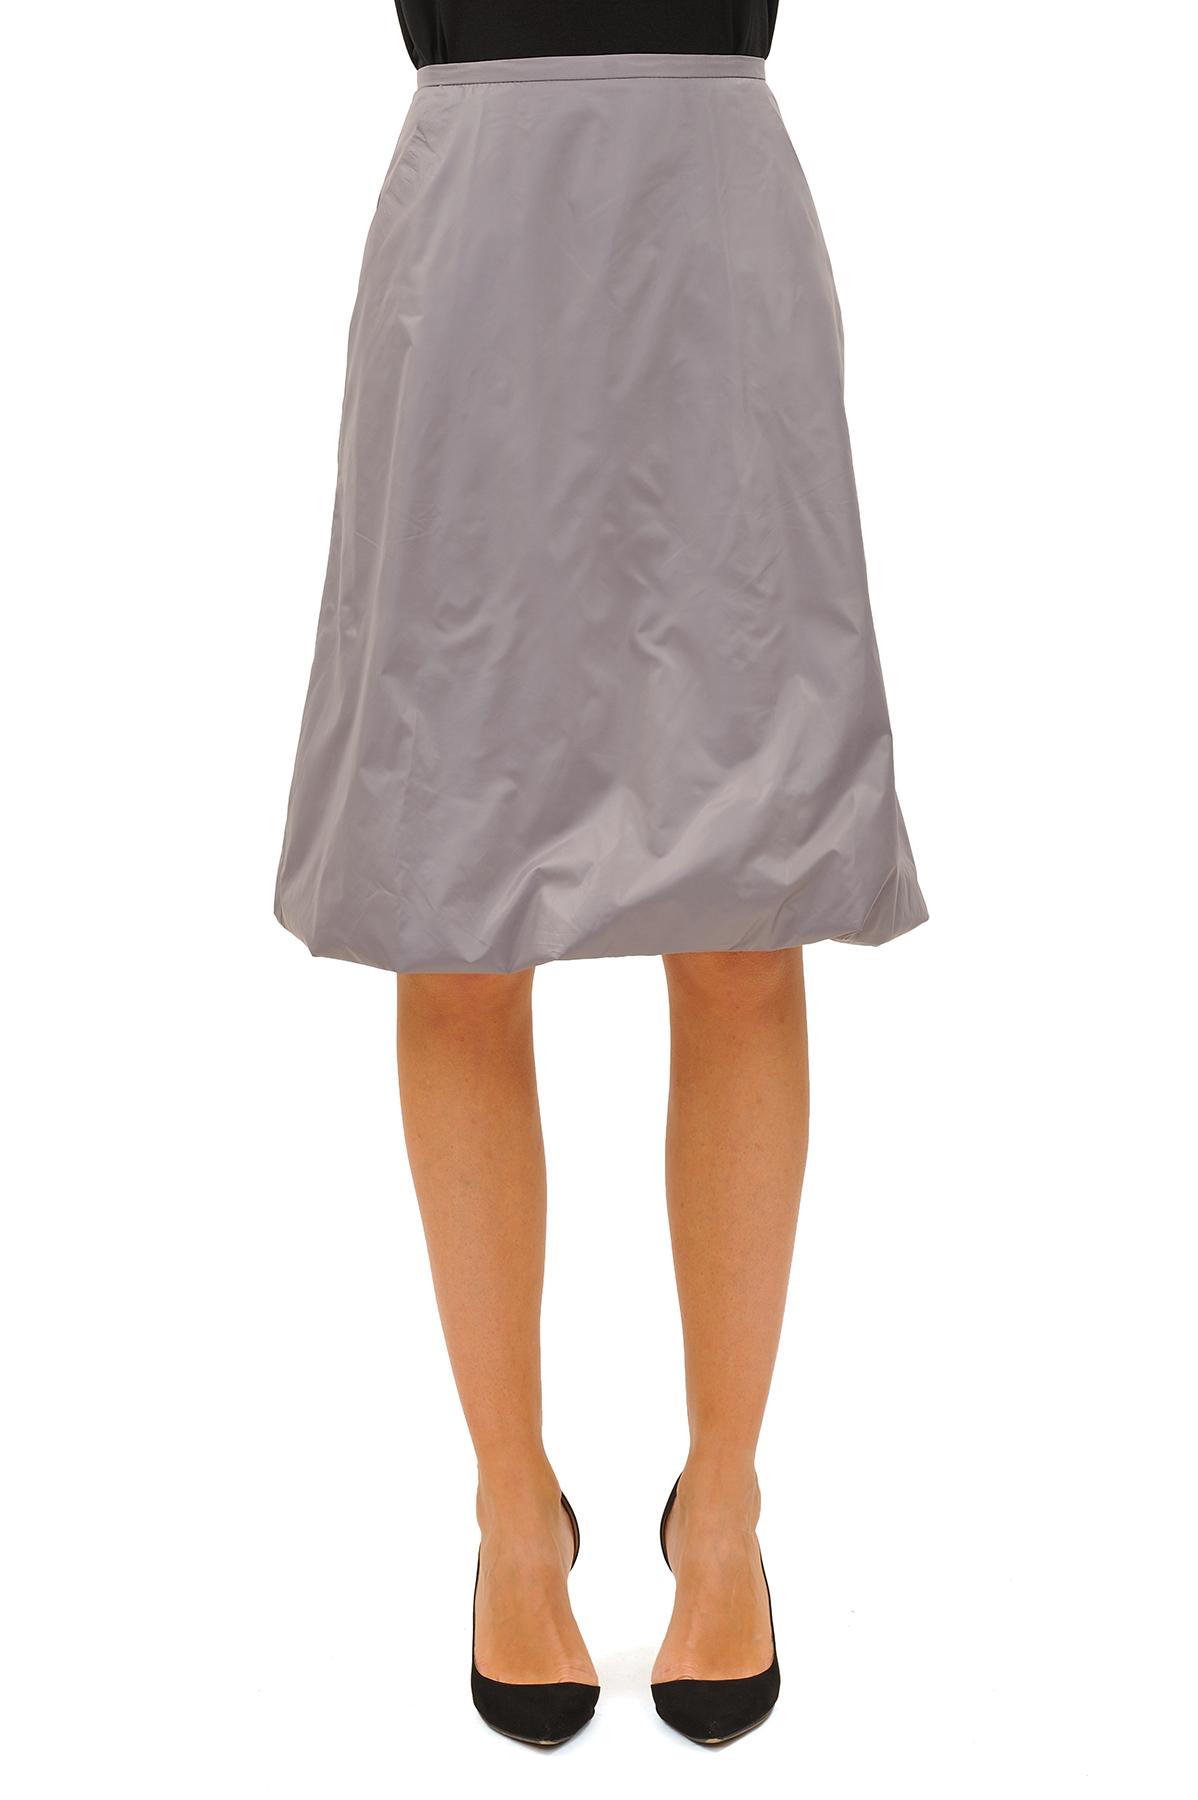 Cosmasi.ruЭффектная юбка должна быть в каждом гардеробе и эта модель отвечает всем требованиям современной модницы! Благодаря спокойной однотонной расцветке, юбка превосходно гармонирует с любыми вещами.<br><br>Цвет: светло-серый<br>Состав: 100 % полиэстер<br>Размер: 42,44,46,48,50,52,54,56<br>Страна дизайна: Россия<br>Страна производства: Россия